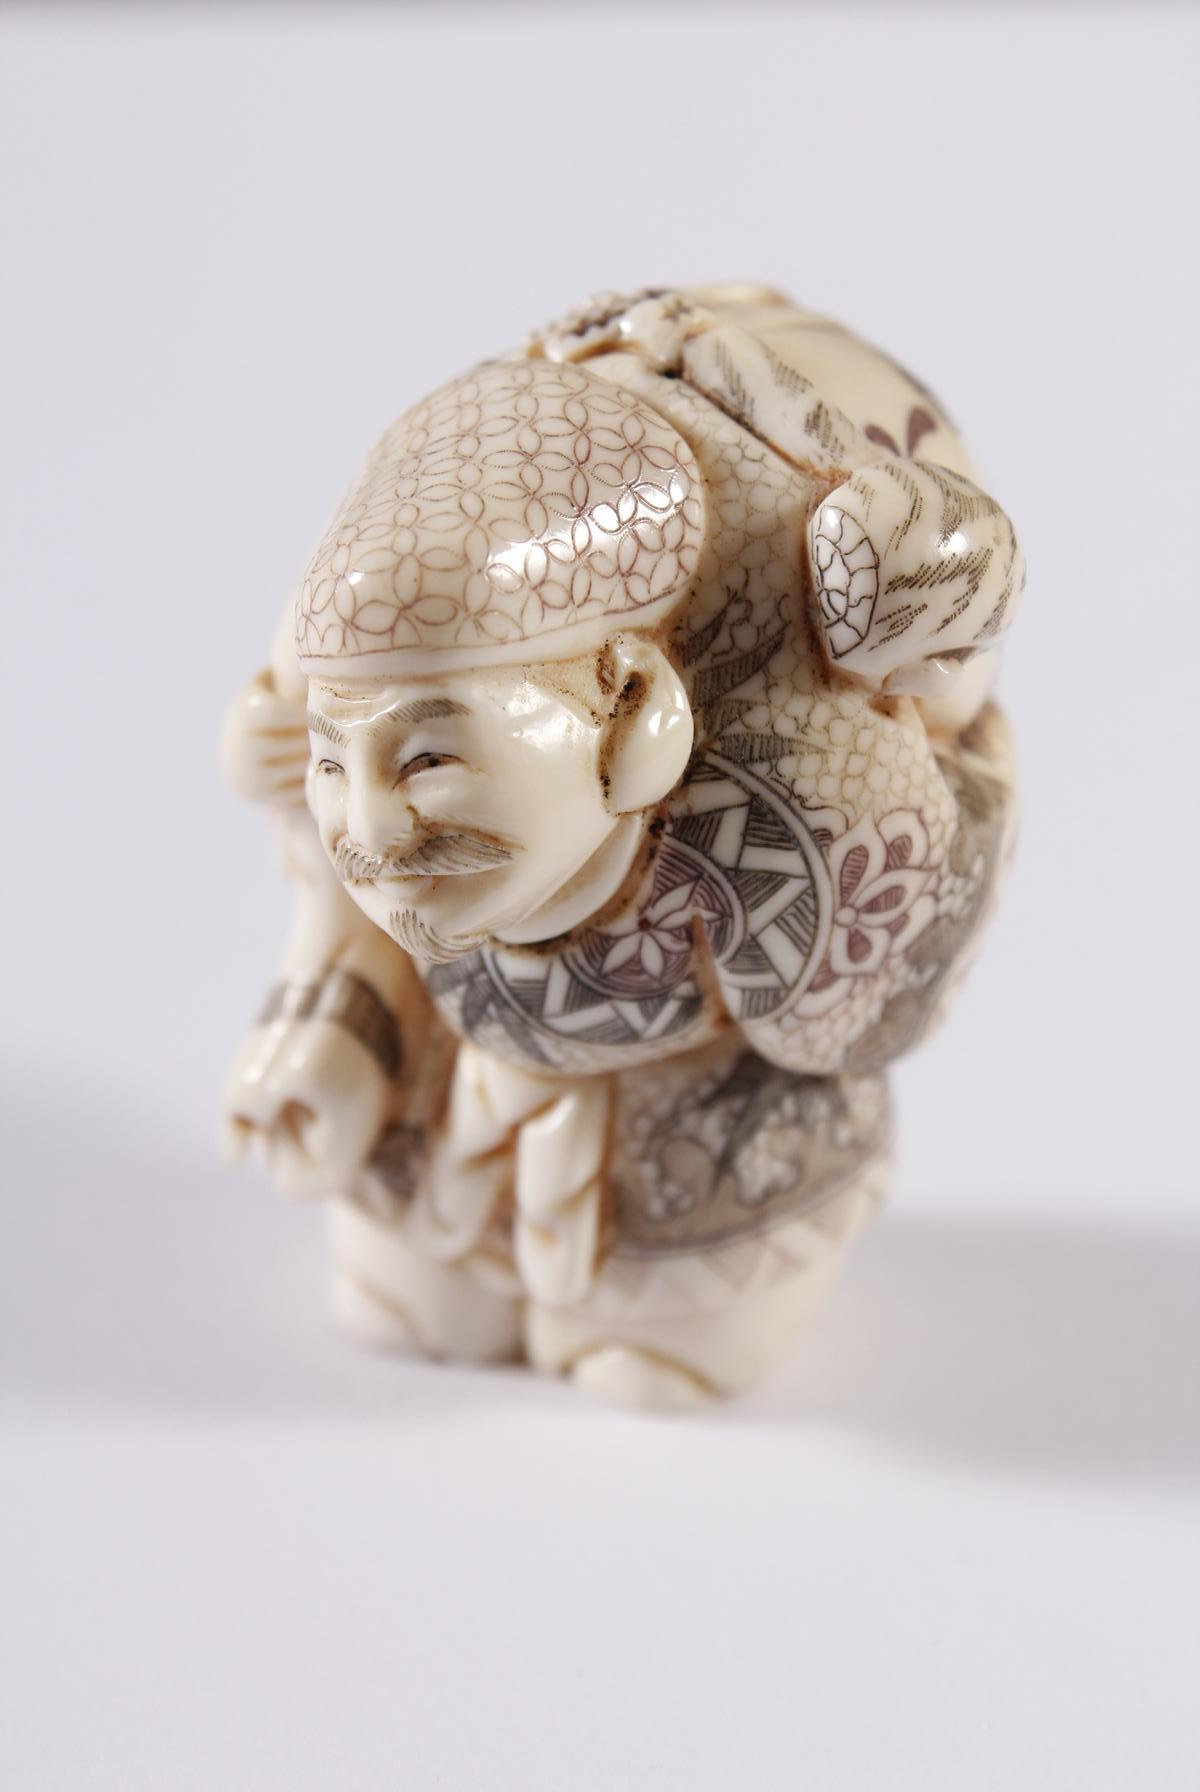 Kleines Elfenbein Okimono, Unsterblicher, Japan Meiji Periode